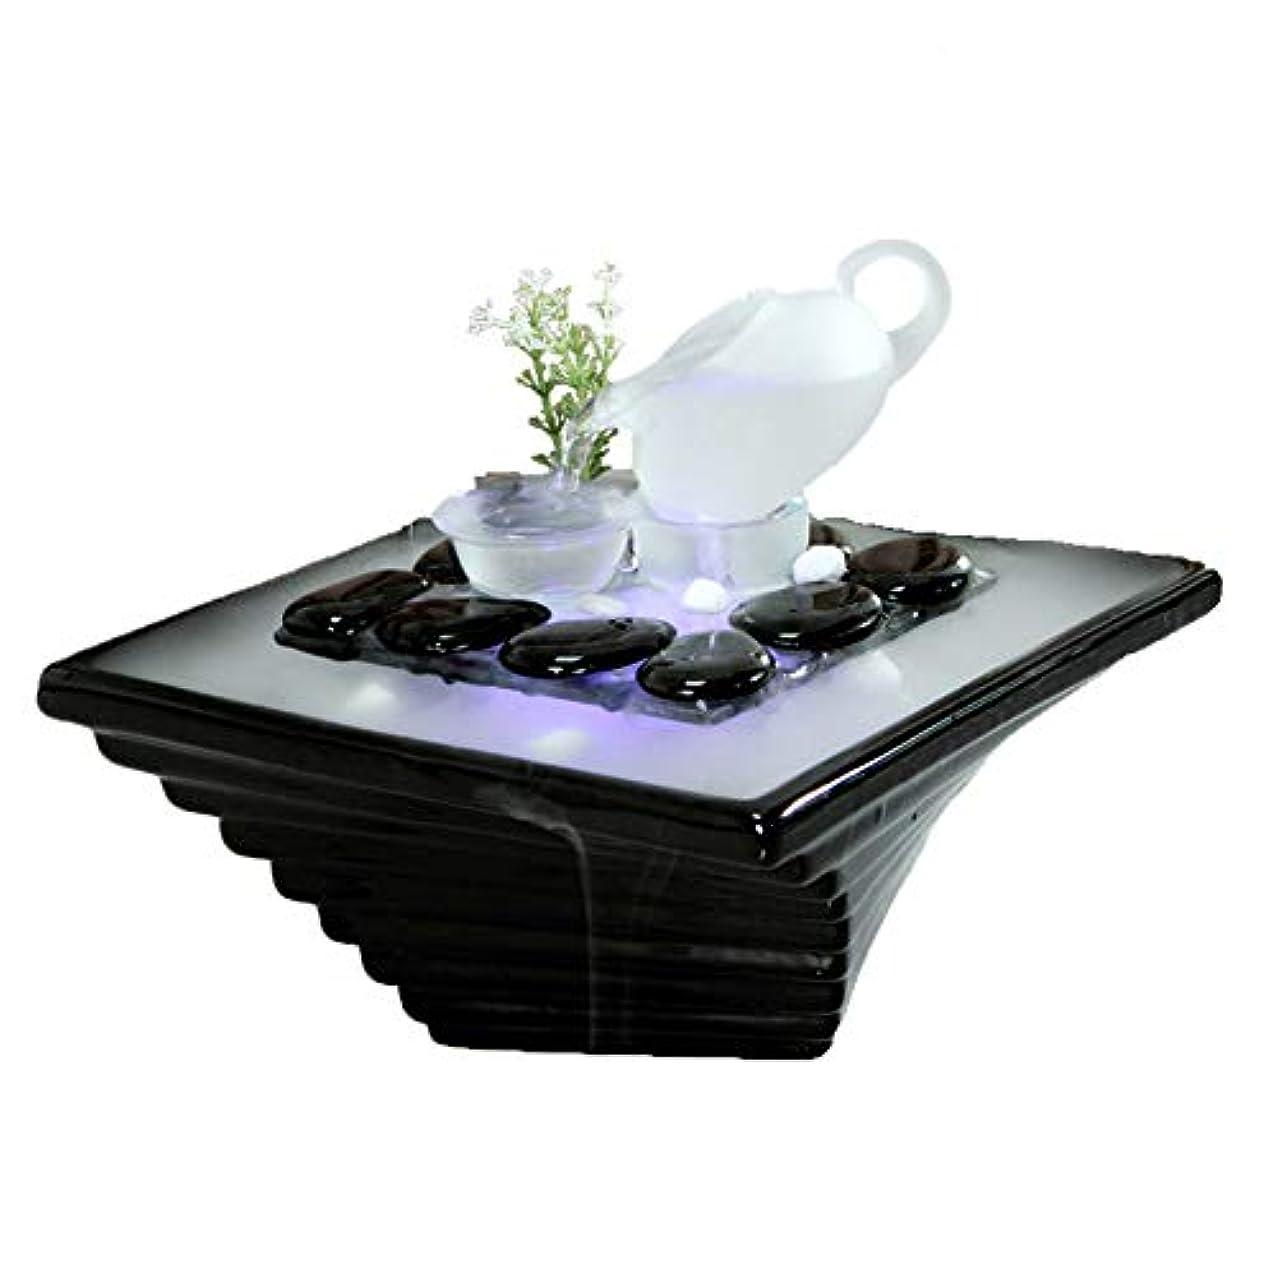 口実芸術的同意エッセンシャルオイルディフューザー空気加湿器セラミッククラフトクリエイティブホームデスクトップ装飾アロマセラピー絶妙なギフト,Black